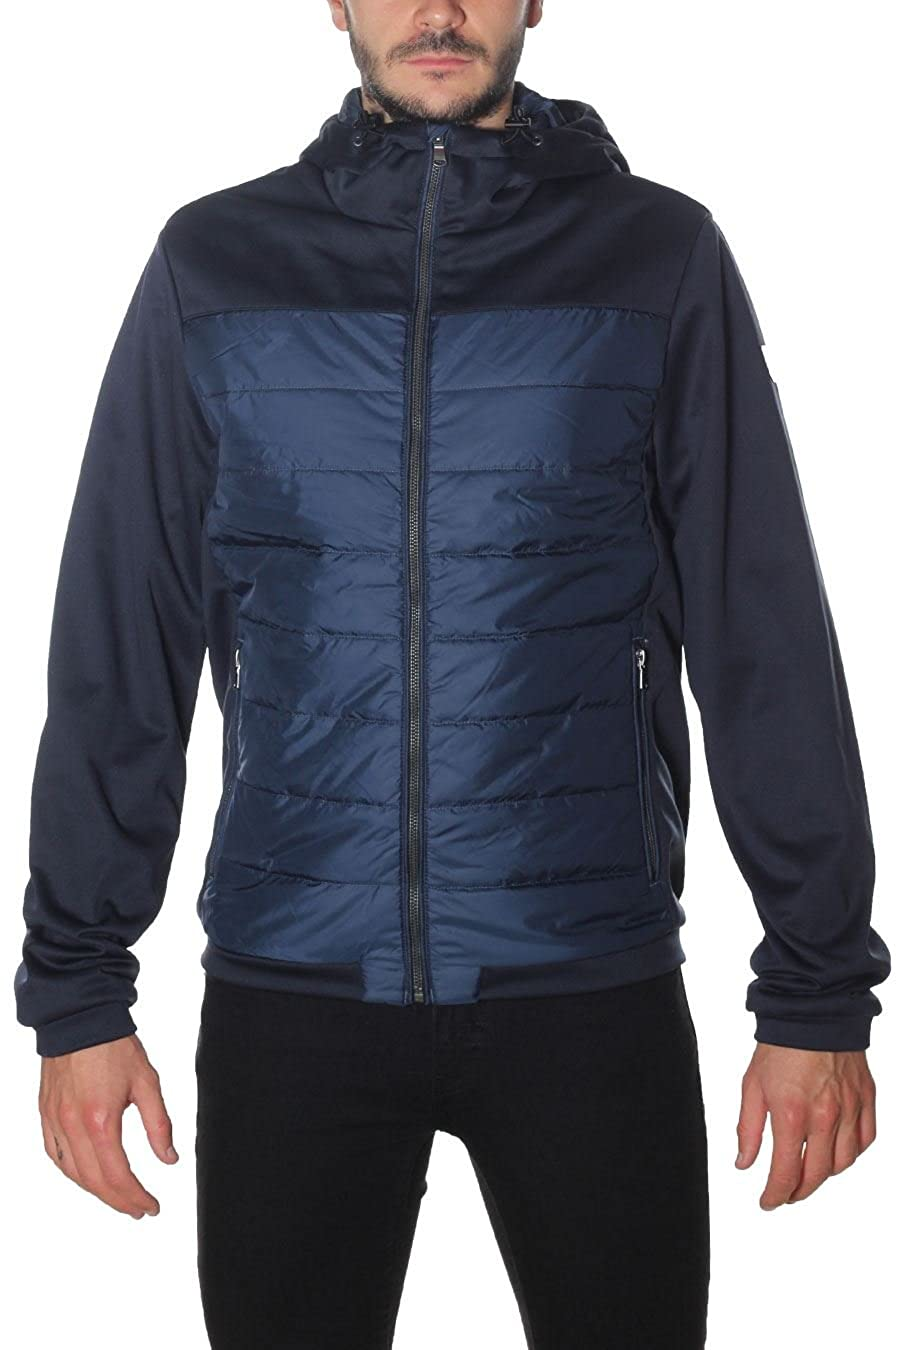 Dolomite - Abrigo - para Hombre